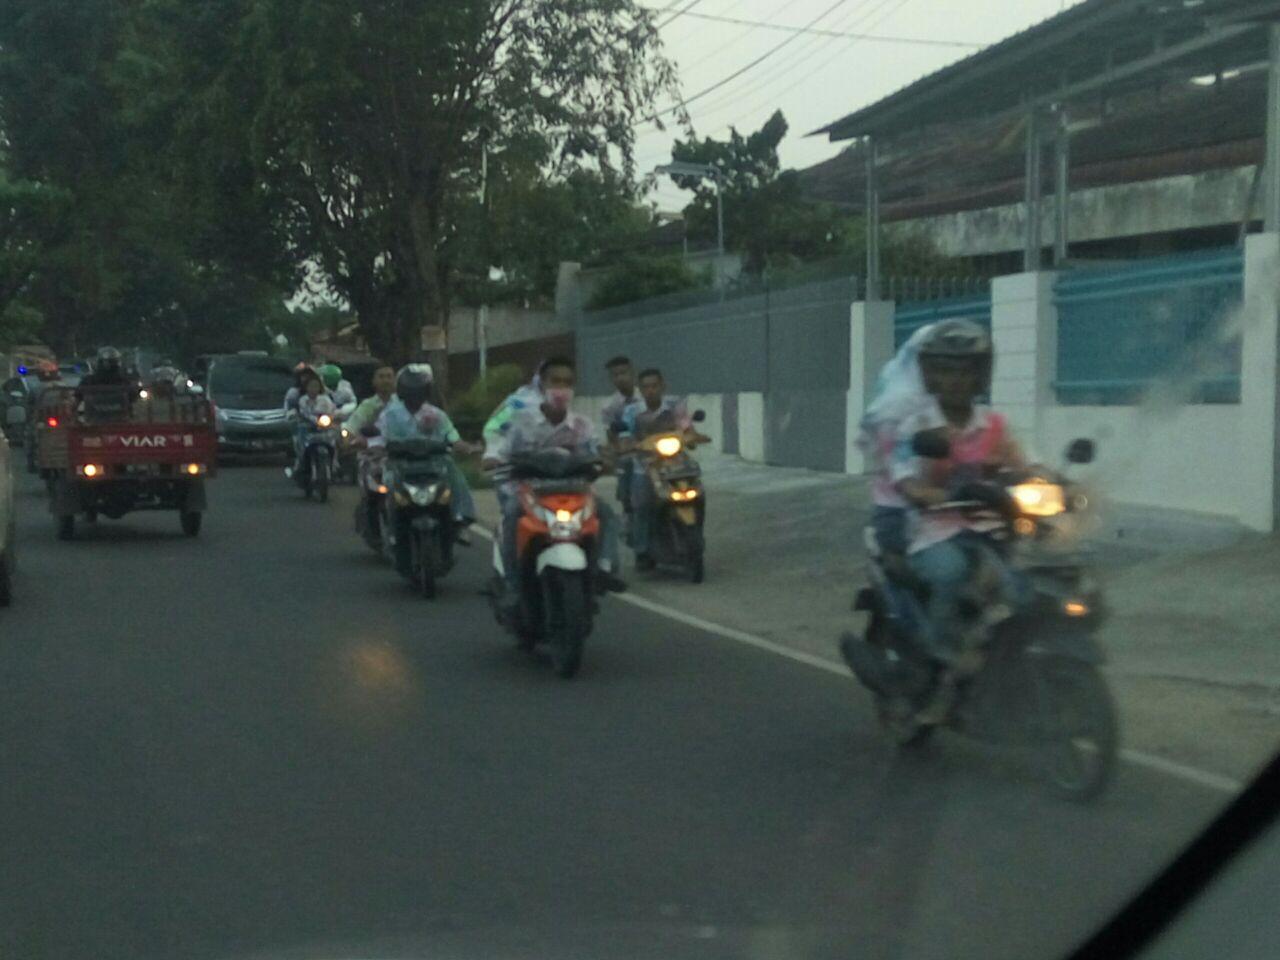 Hingga Petang, Pelajar Konvoi di Jalan Raya Rayakan Kelulusan